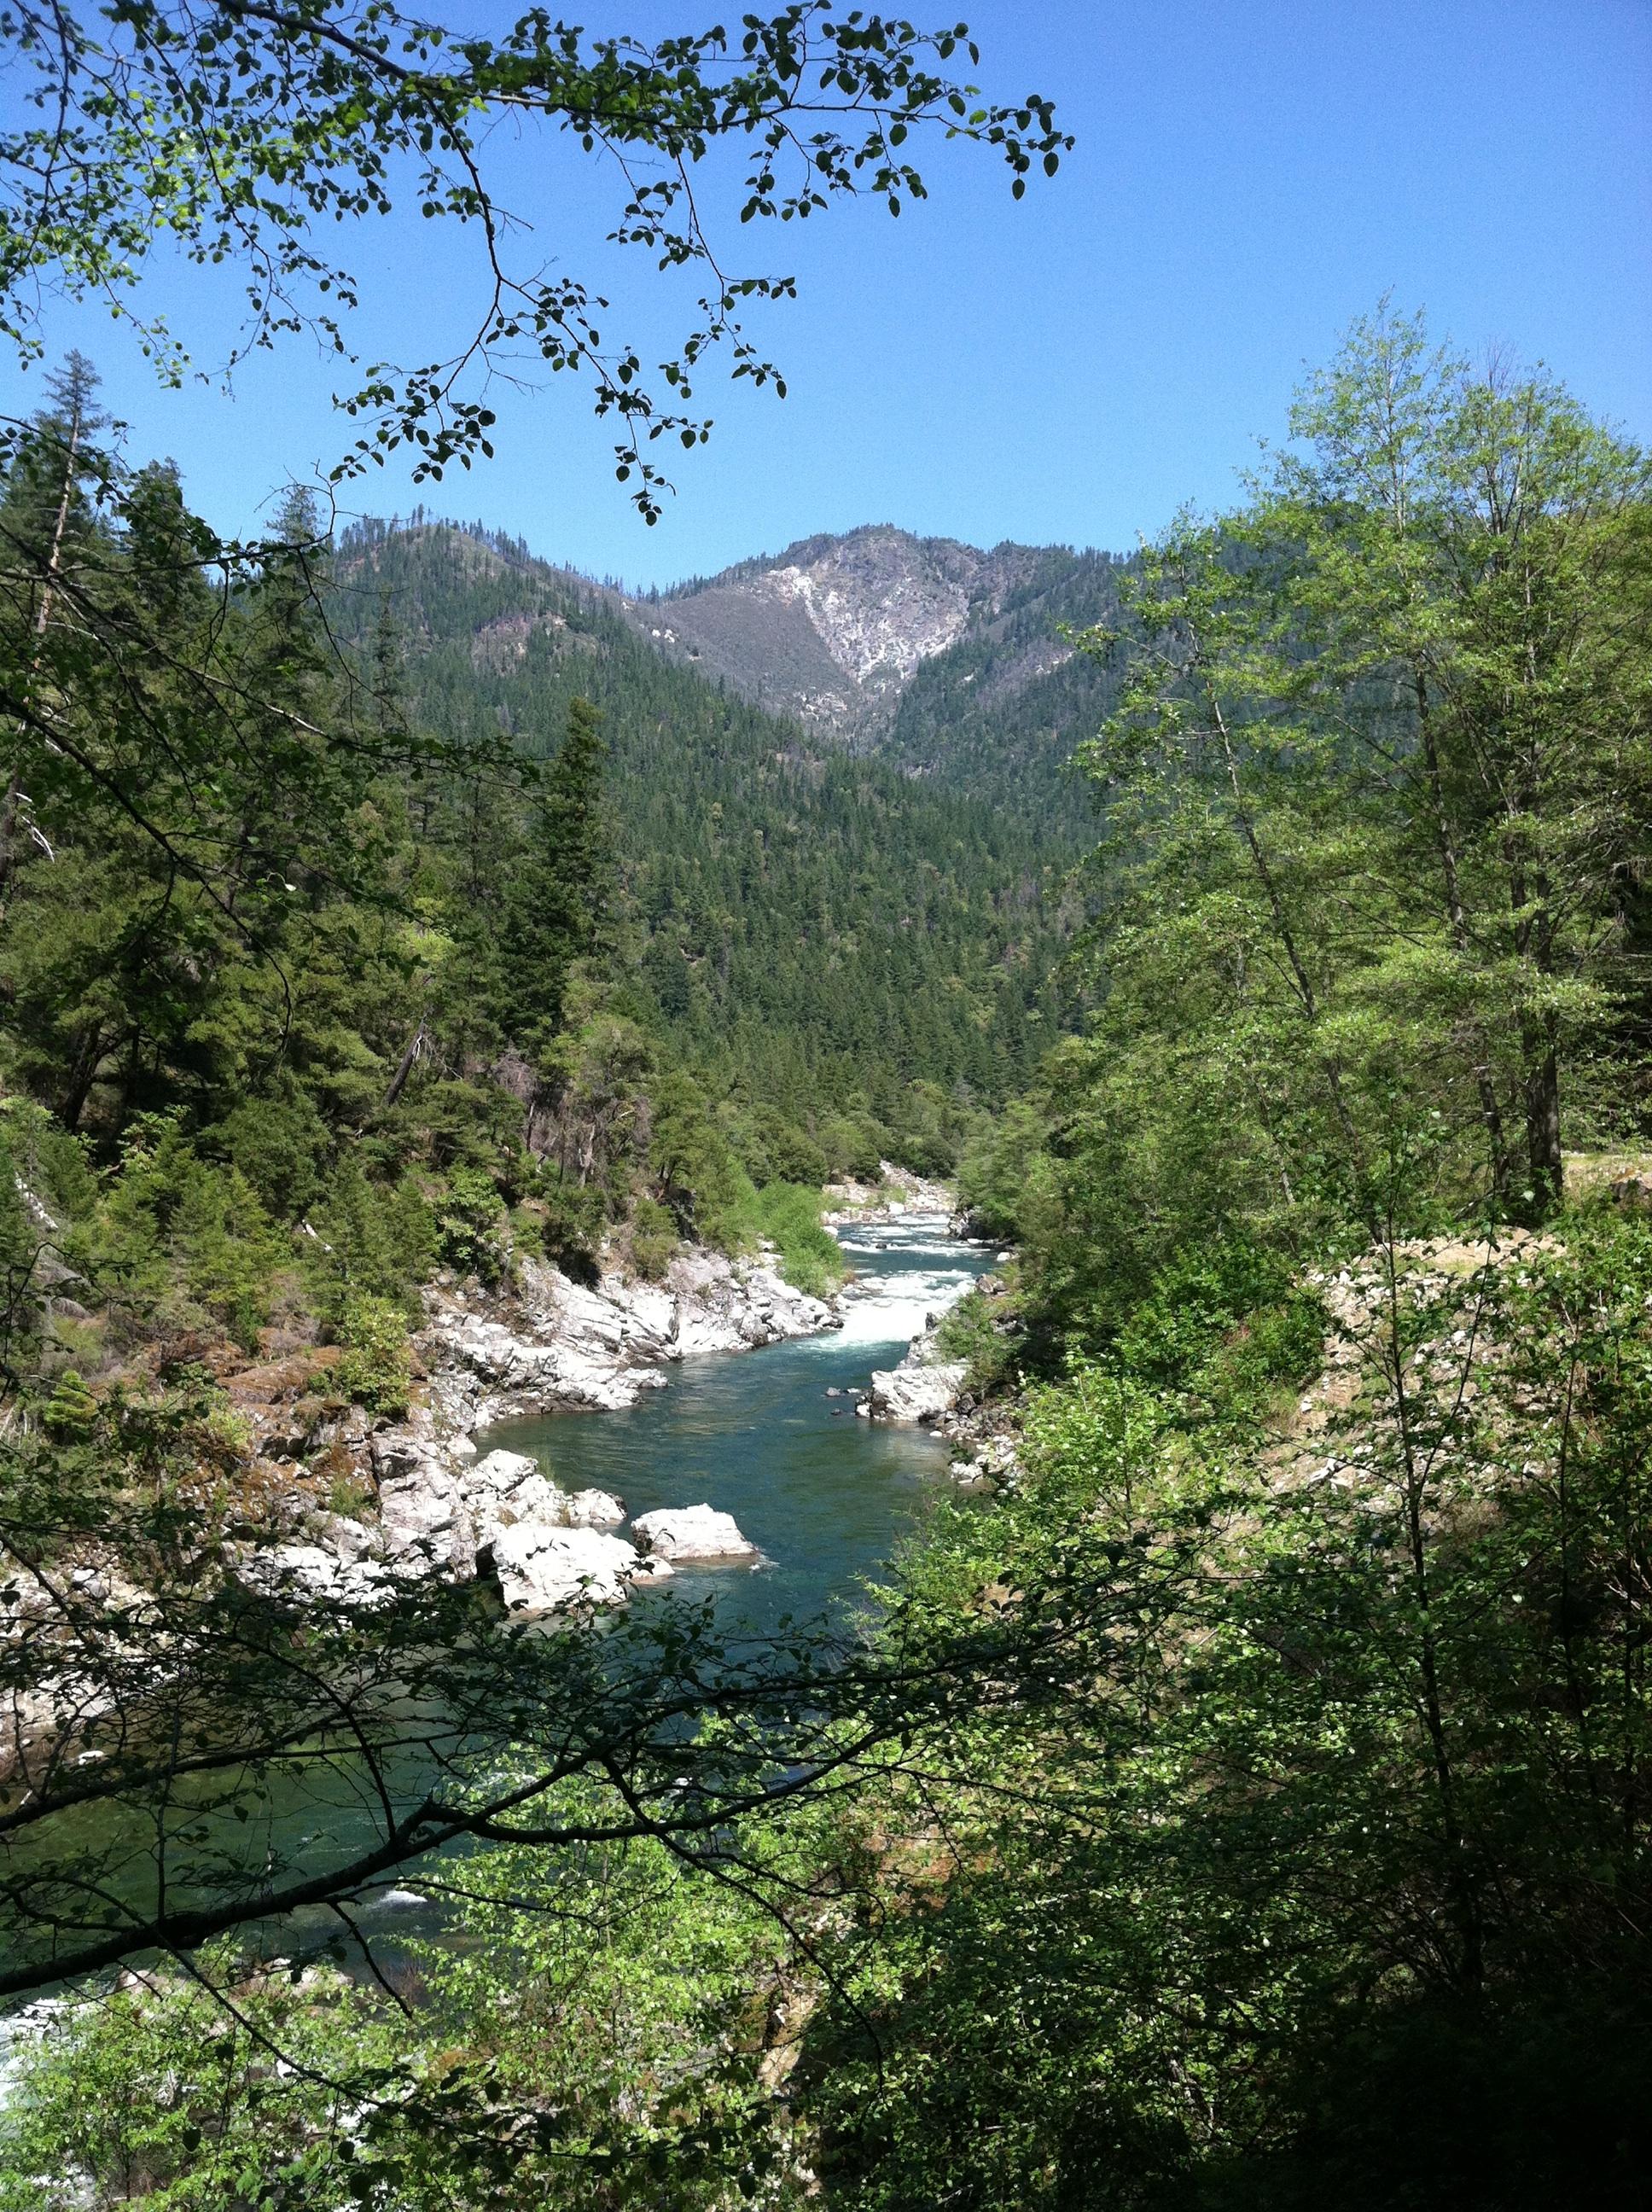 California Salmon River